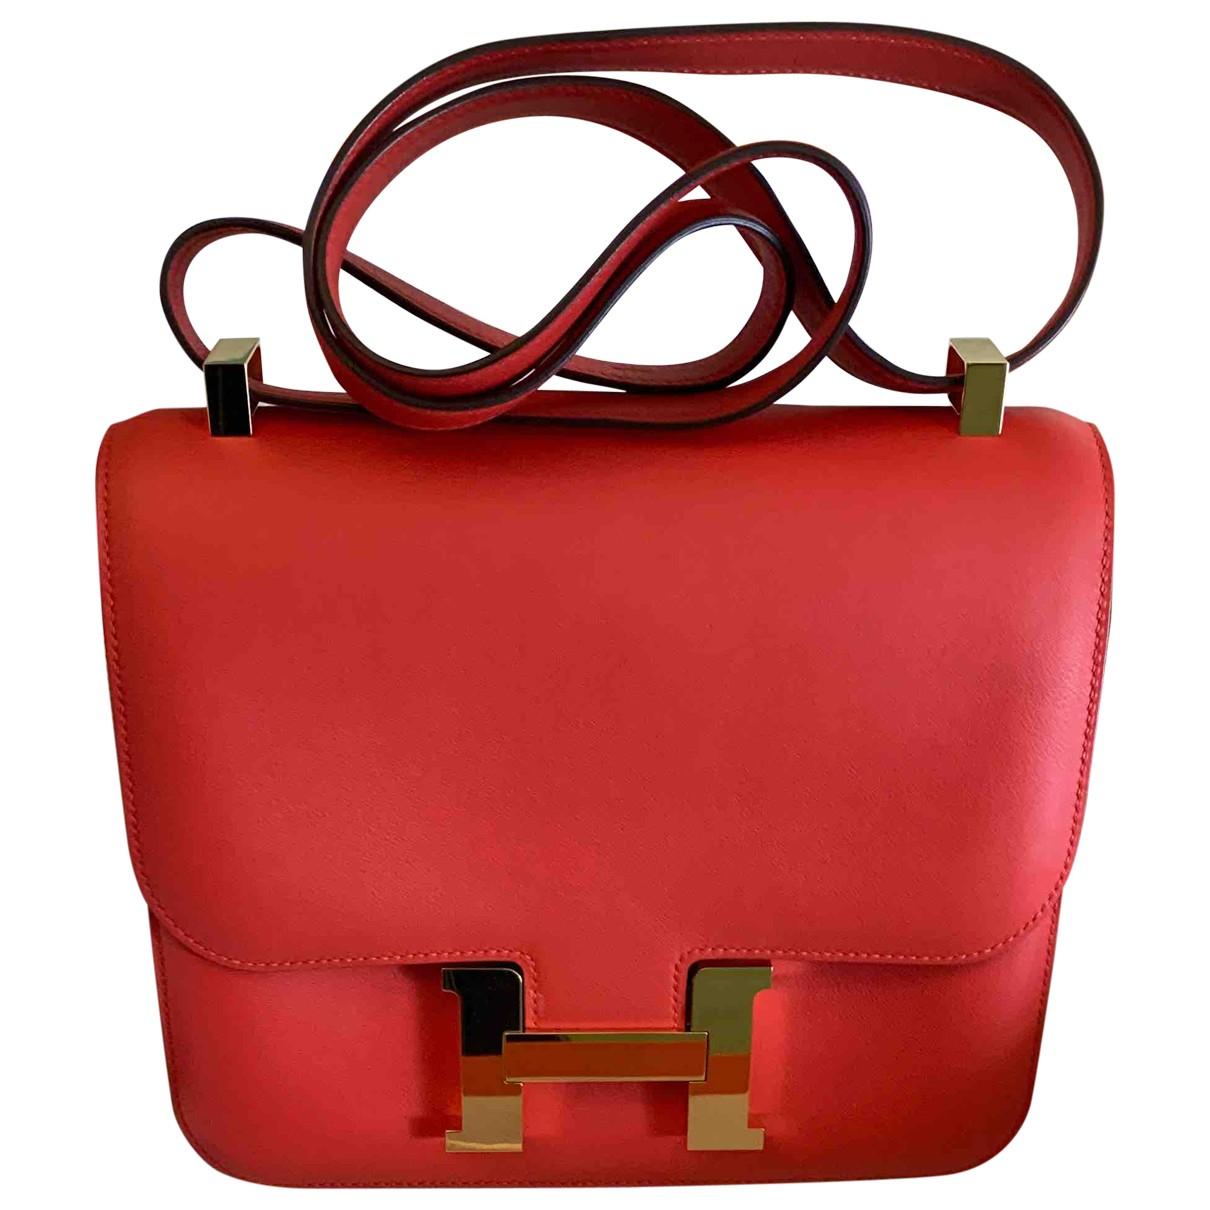 Hermes - Sac a main Constance pour femme en cuir - rouge